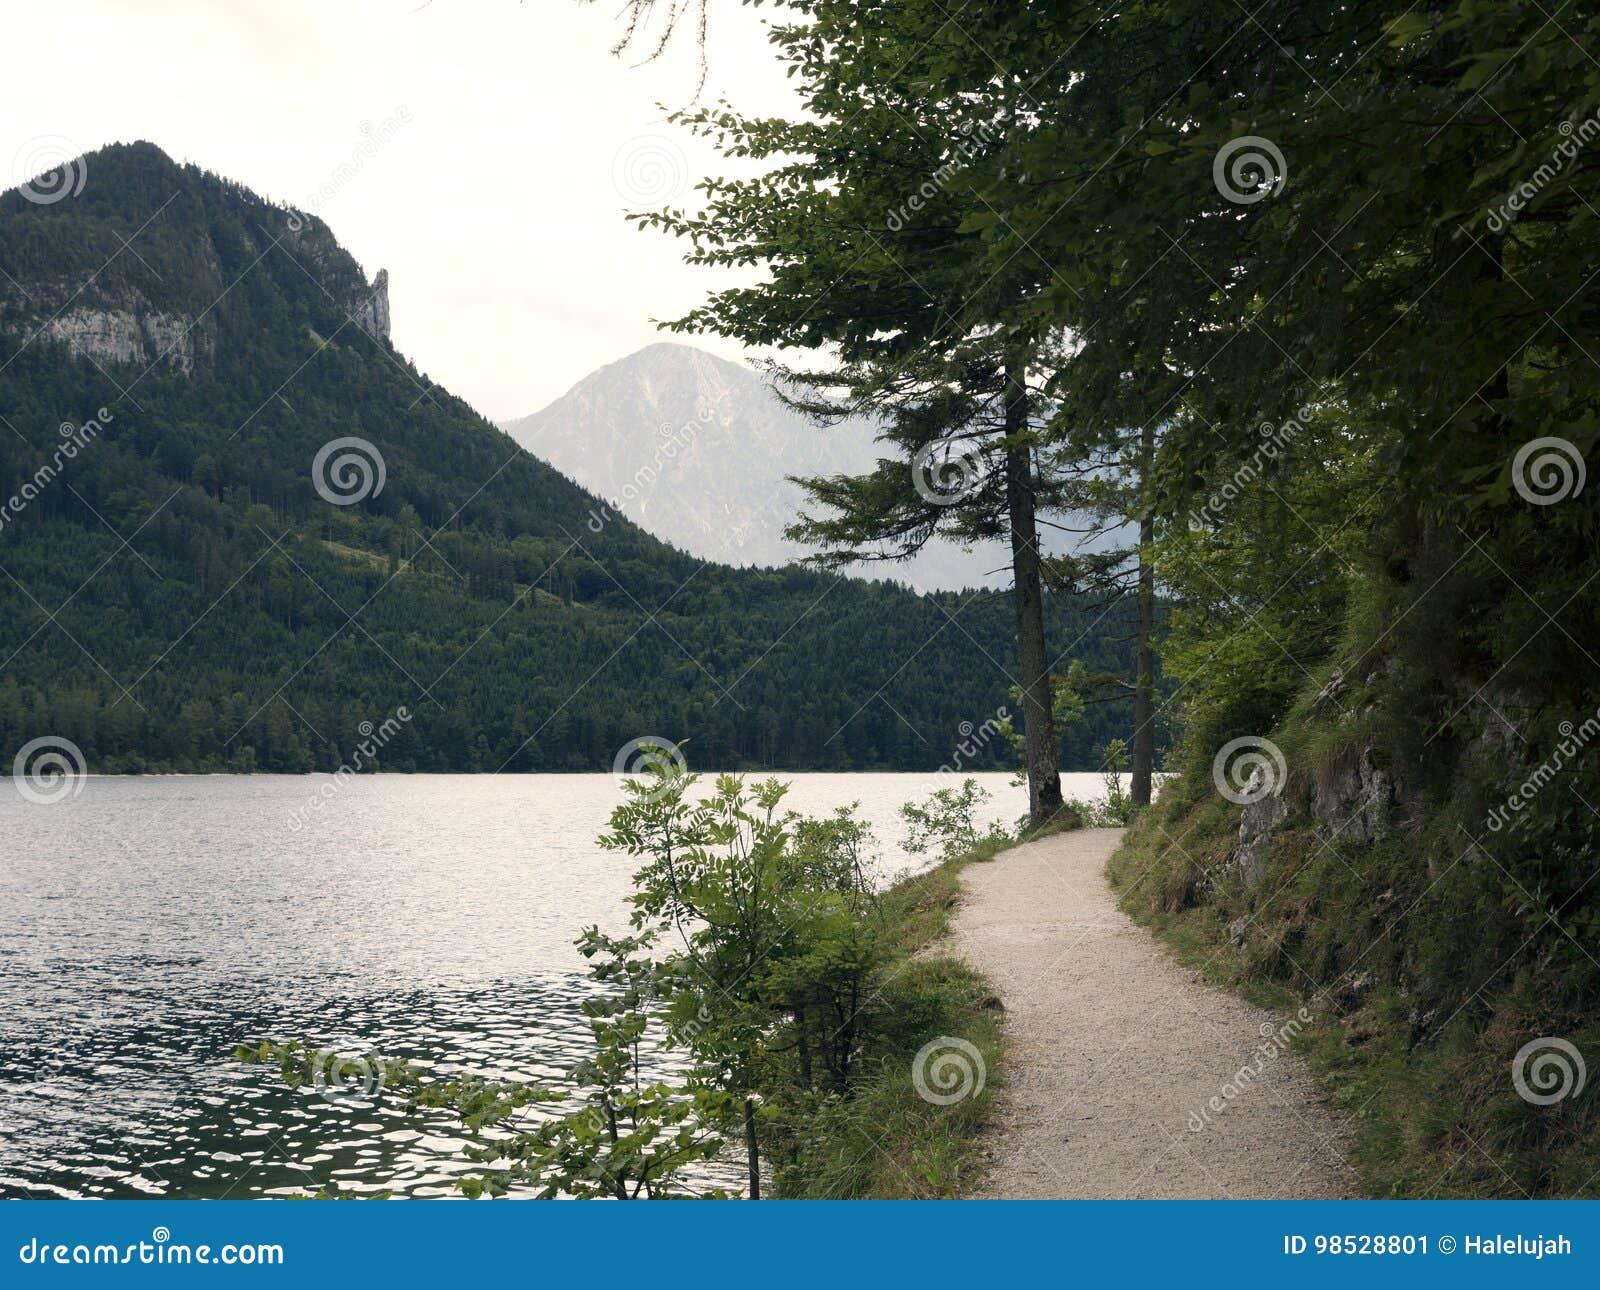 Pista de senderismo alrededor del lago de la montaña Macizo alpino, barranco hermoso en Austria